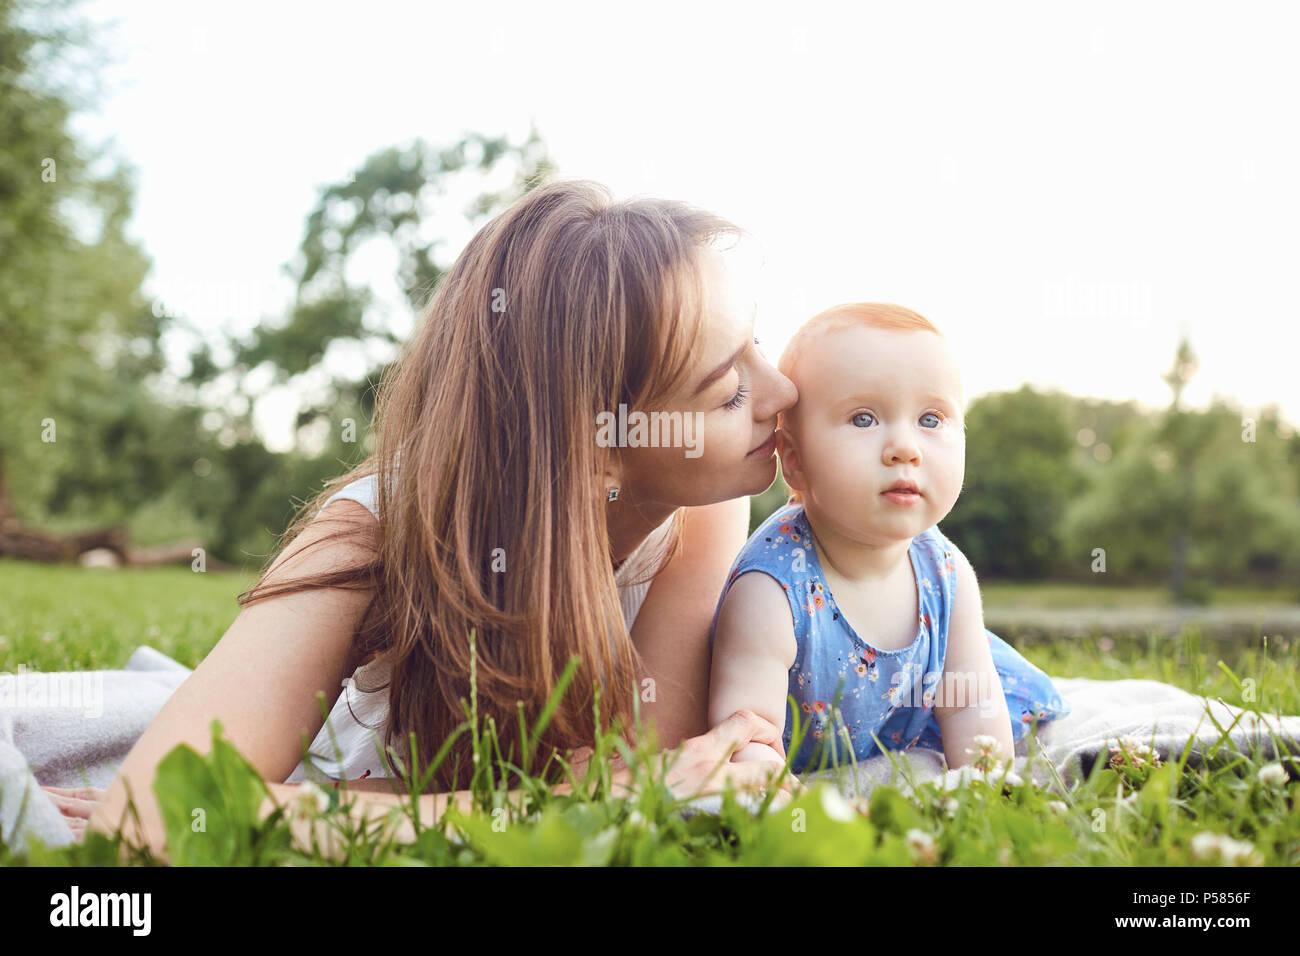 La madre y el bebé jugando en la hierba en verano park Imagen De Stock